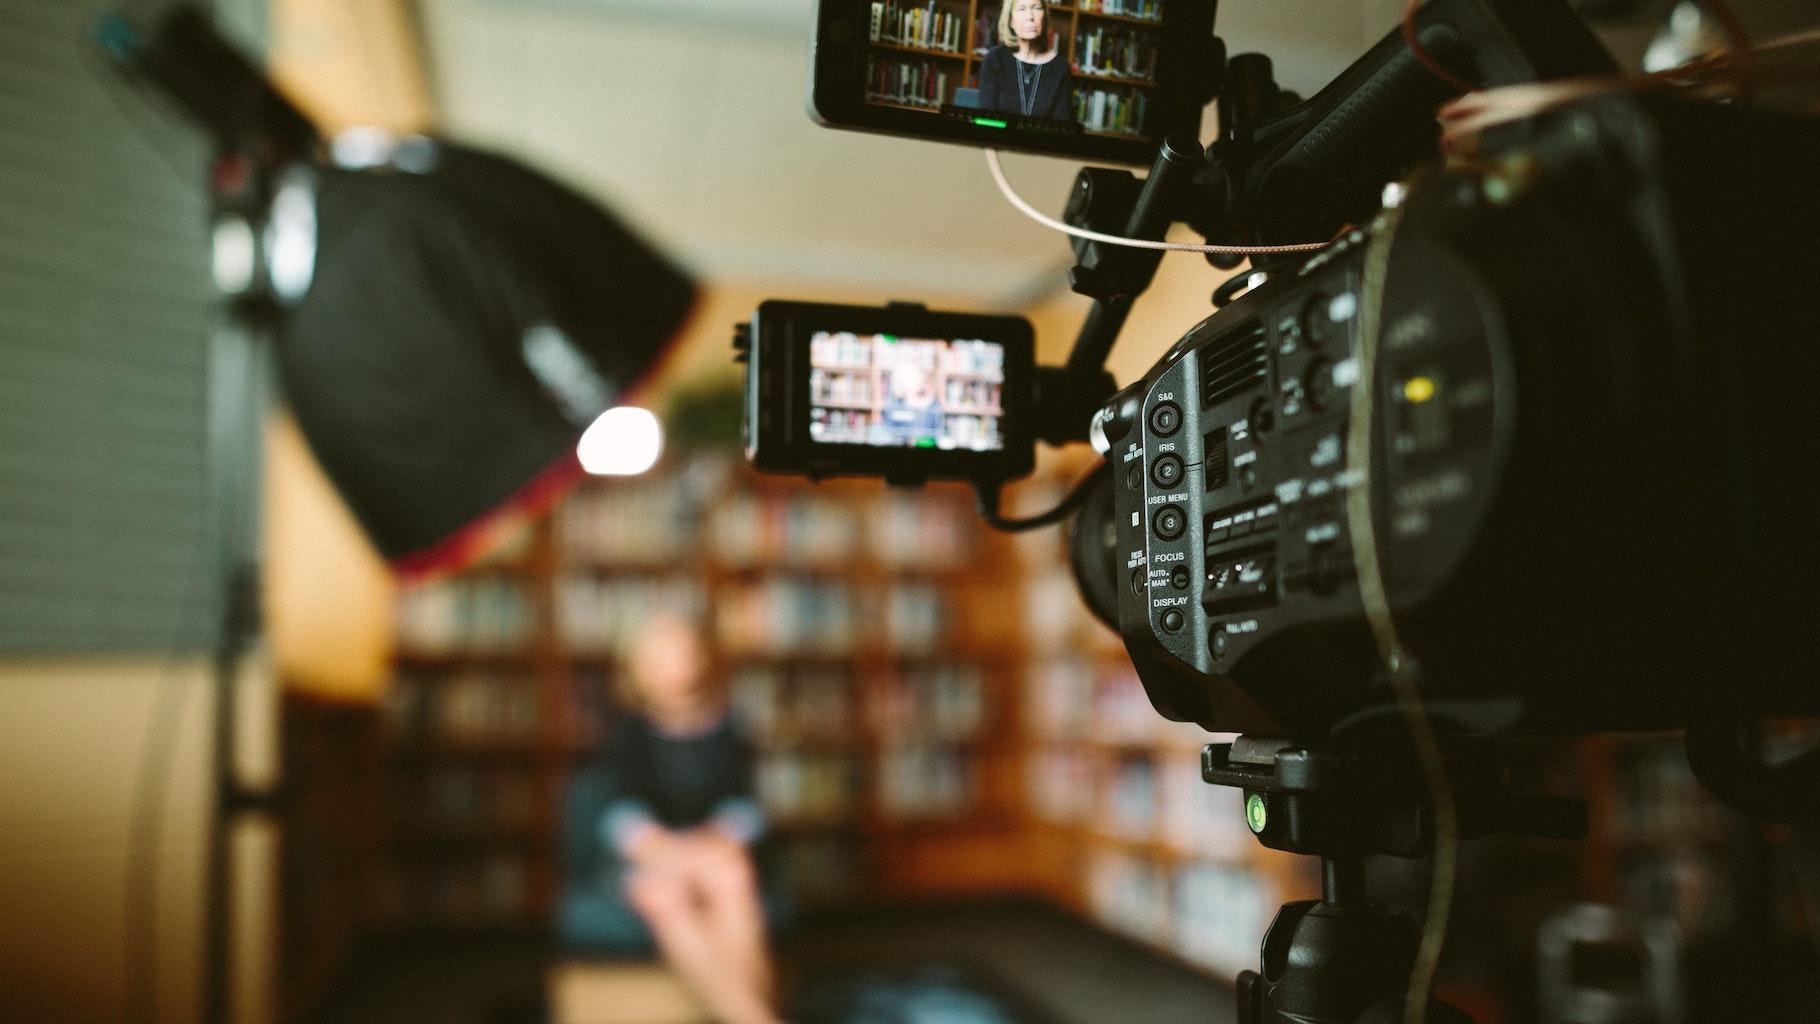 Израильский стартап CannyAI использует технологию VDR для дубляжа видео